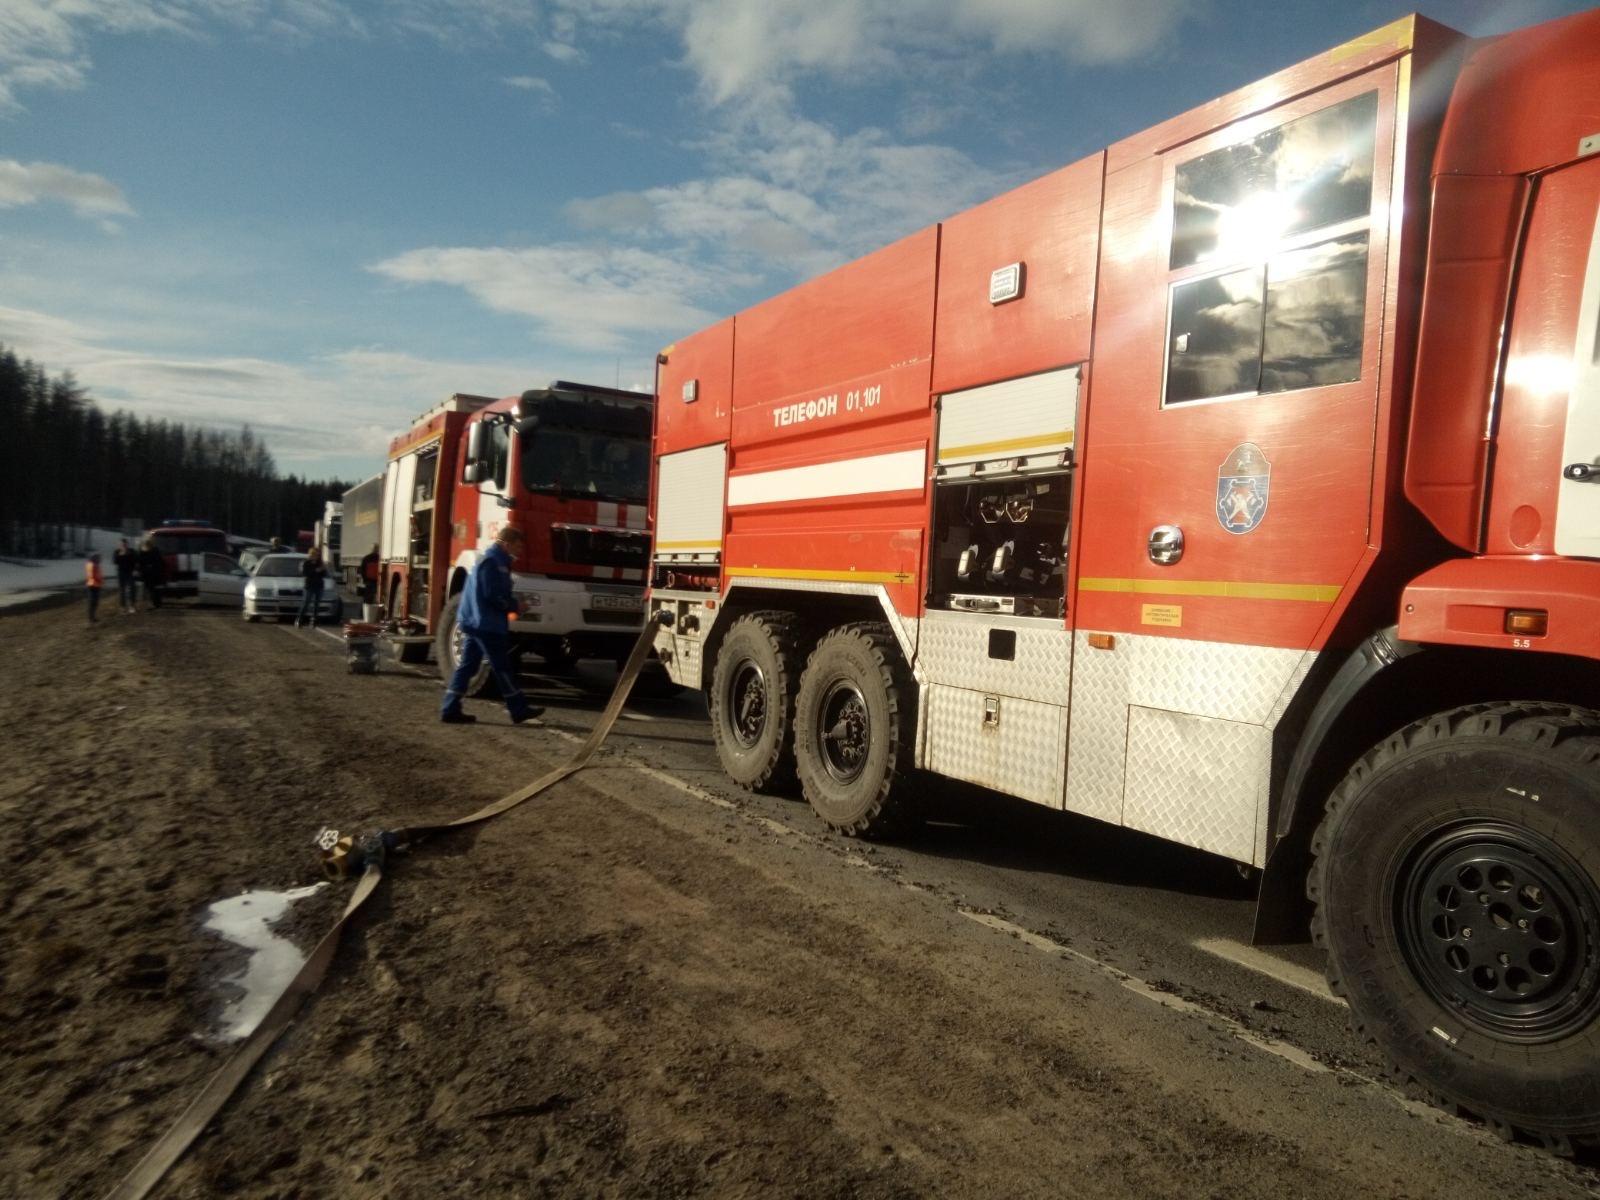 Пожарно-спасательные подразделения приняли участие в ликвидации последствий ДТП в г. Северодвинске Архангельской области